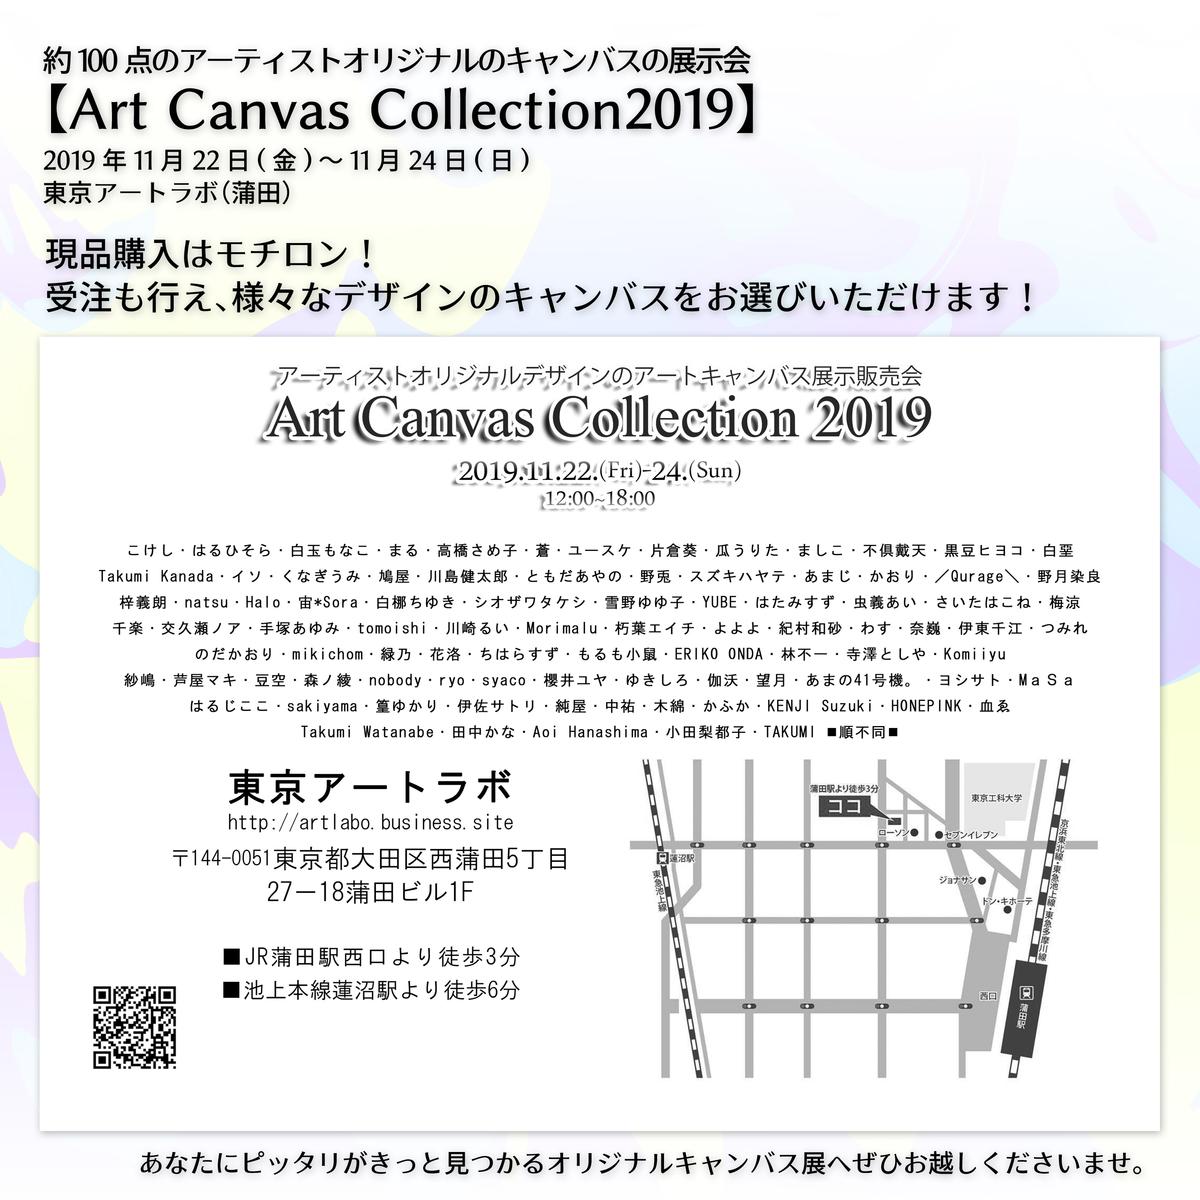 展示会,東京アートラボ,ギャラリー,イラスト,ACC2019